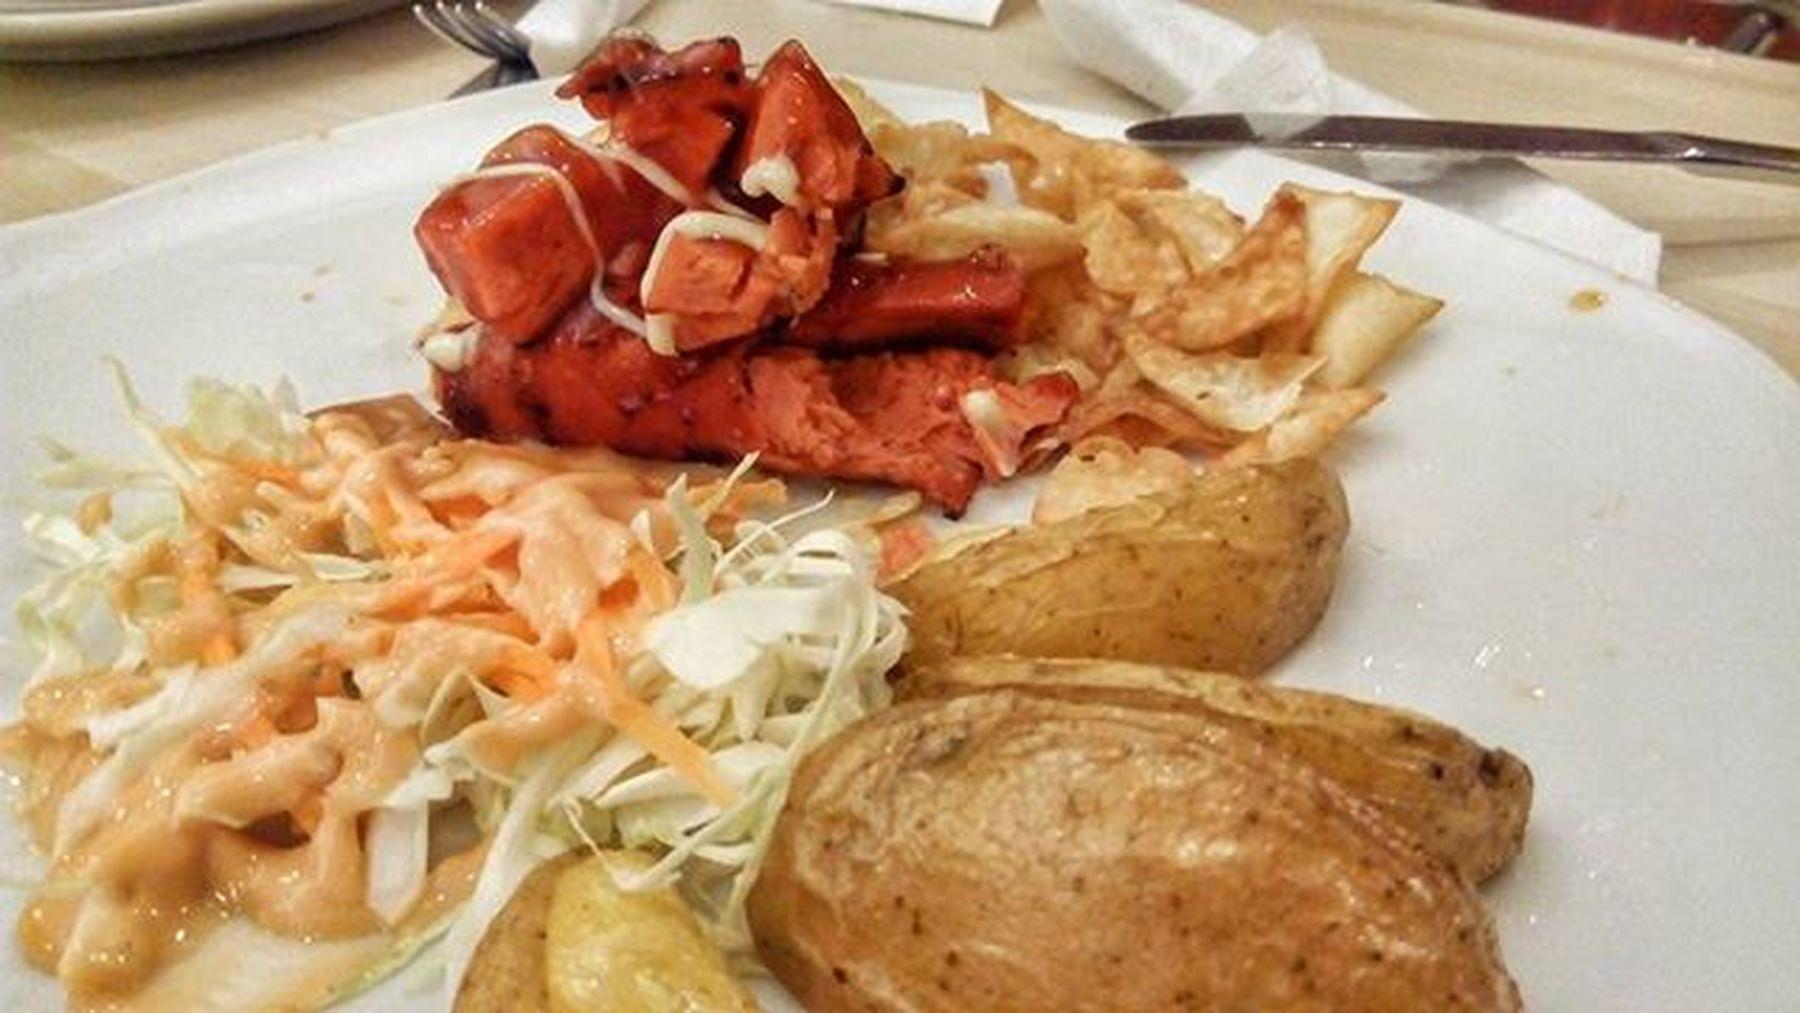 tempat nongki yang asik dengan menu yang yoik kamu gamau ajak sapa gitu ? Jakulsemarang Martabakhouse Foodporn Food Sosis Salad Mayo